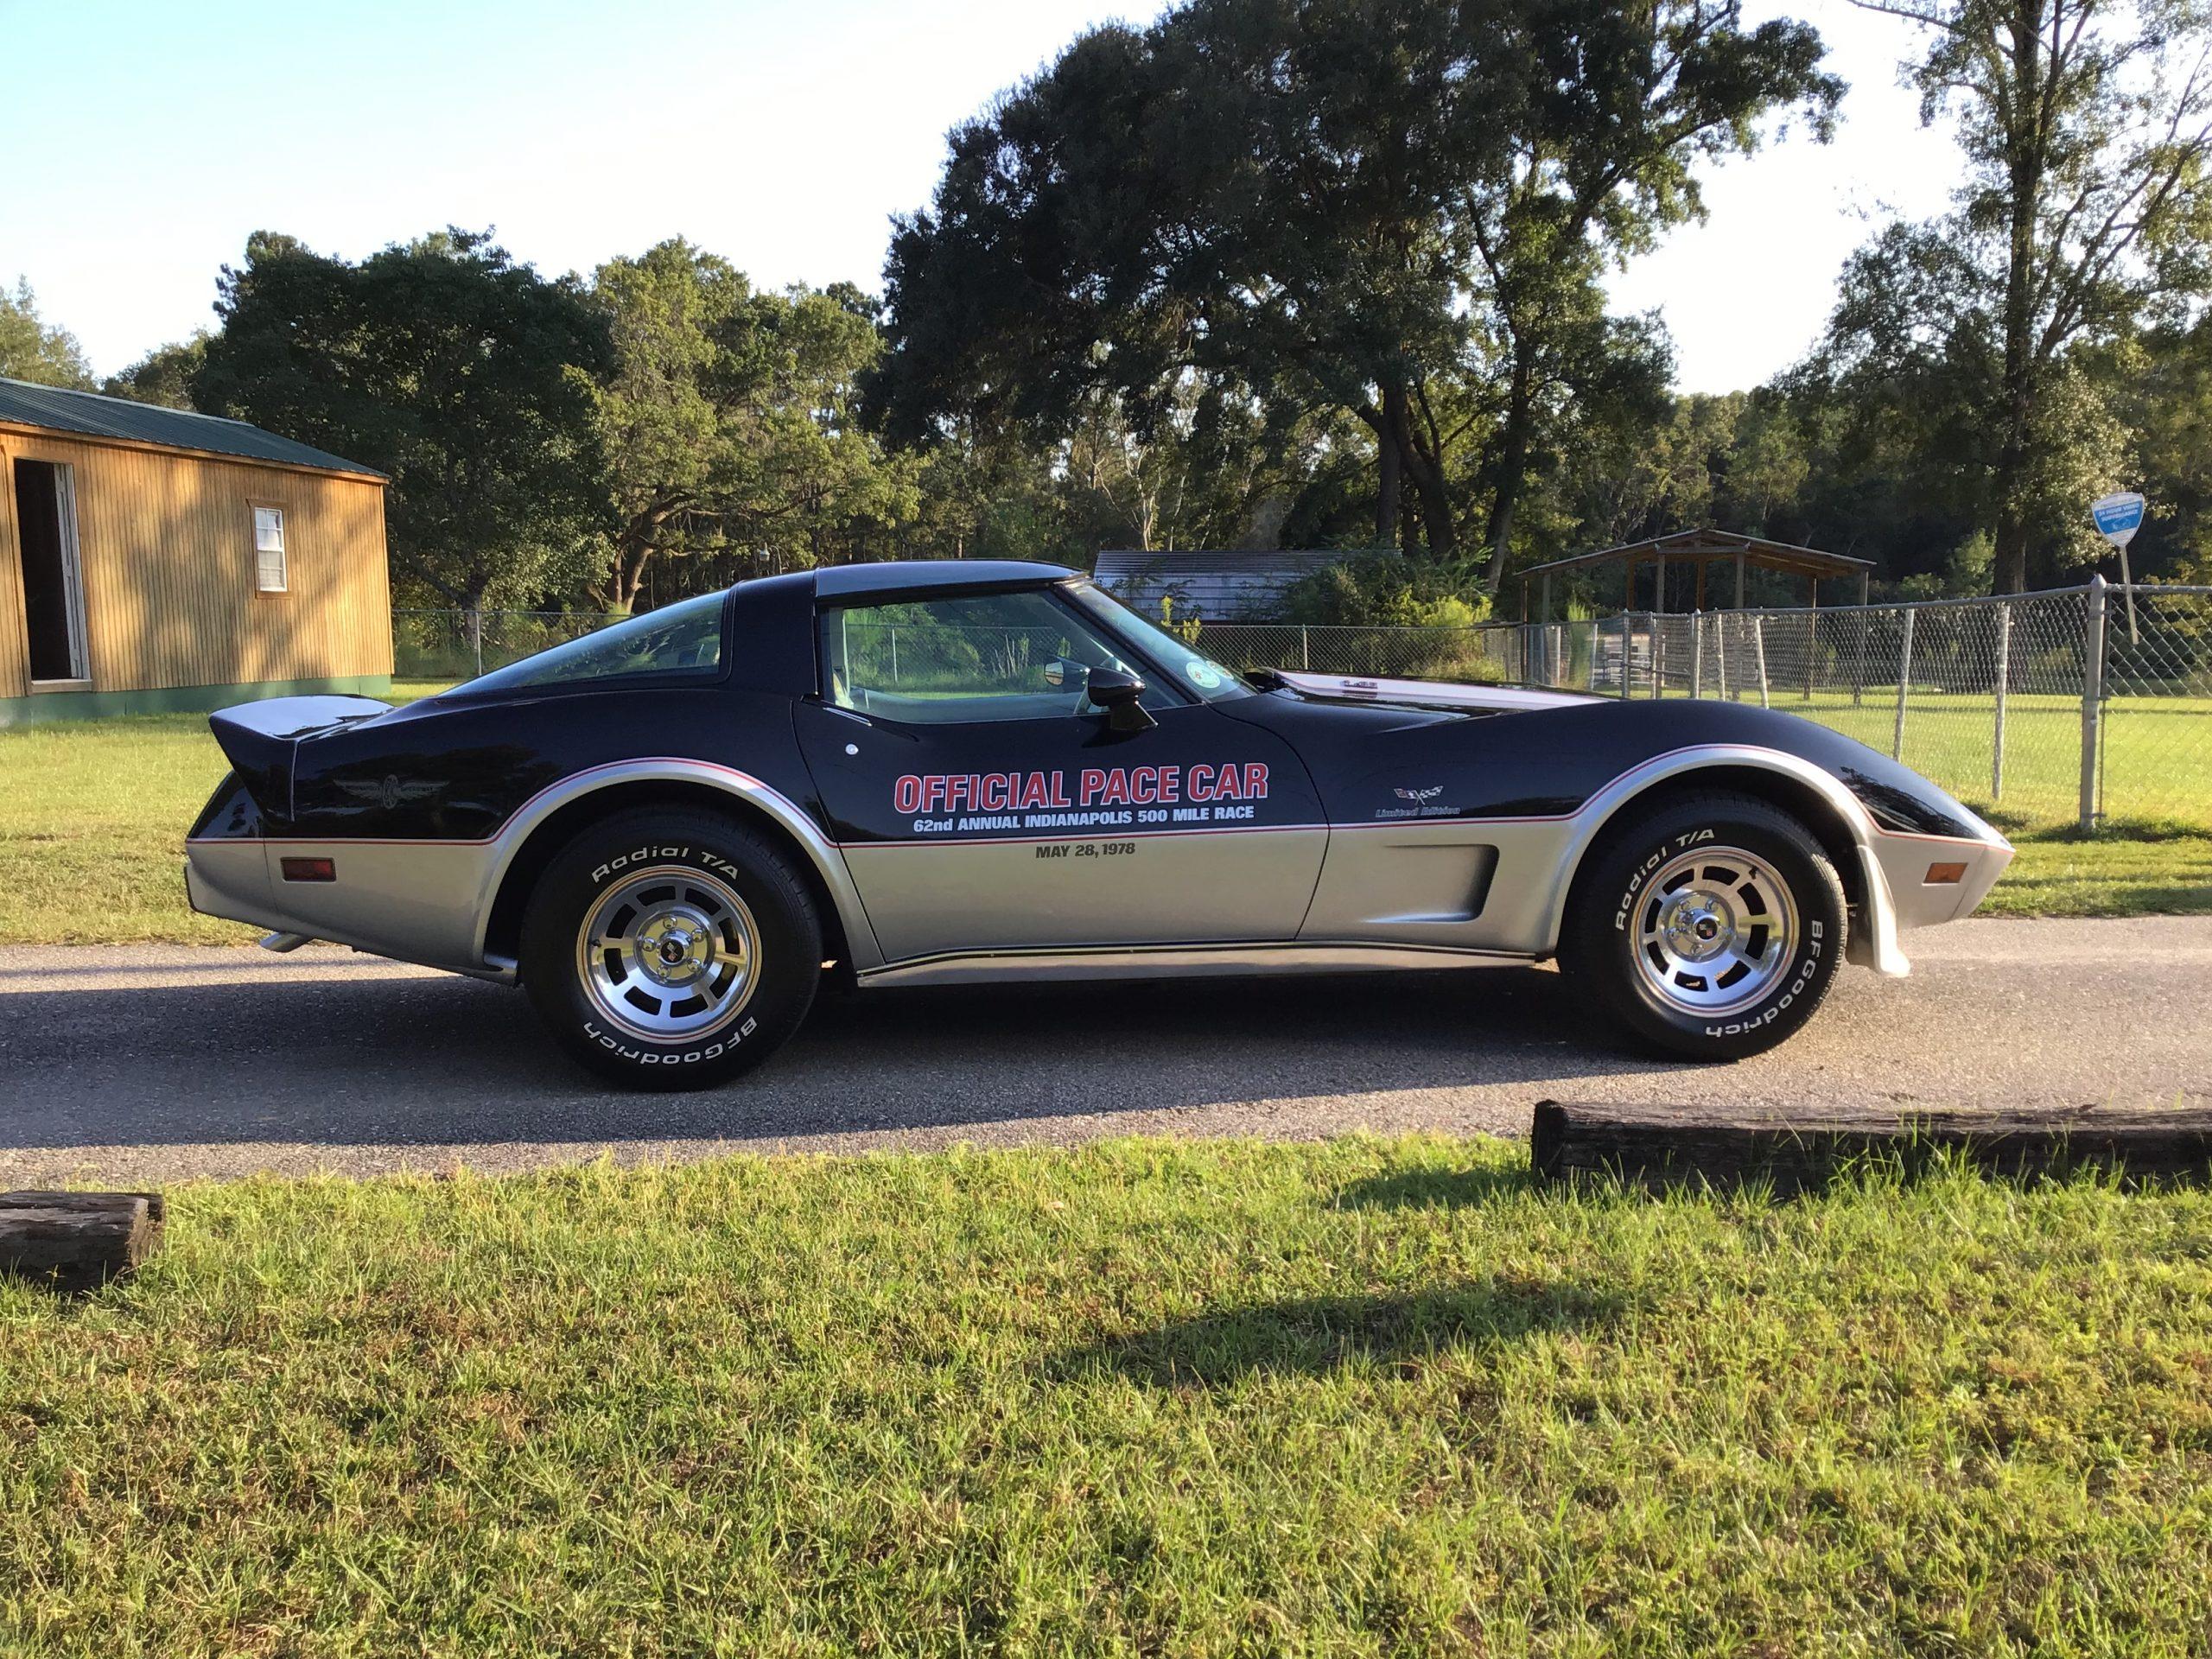 1978 chevrolet corvette c3 pace car